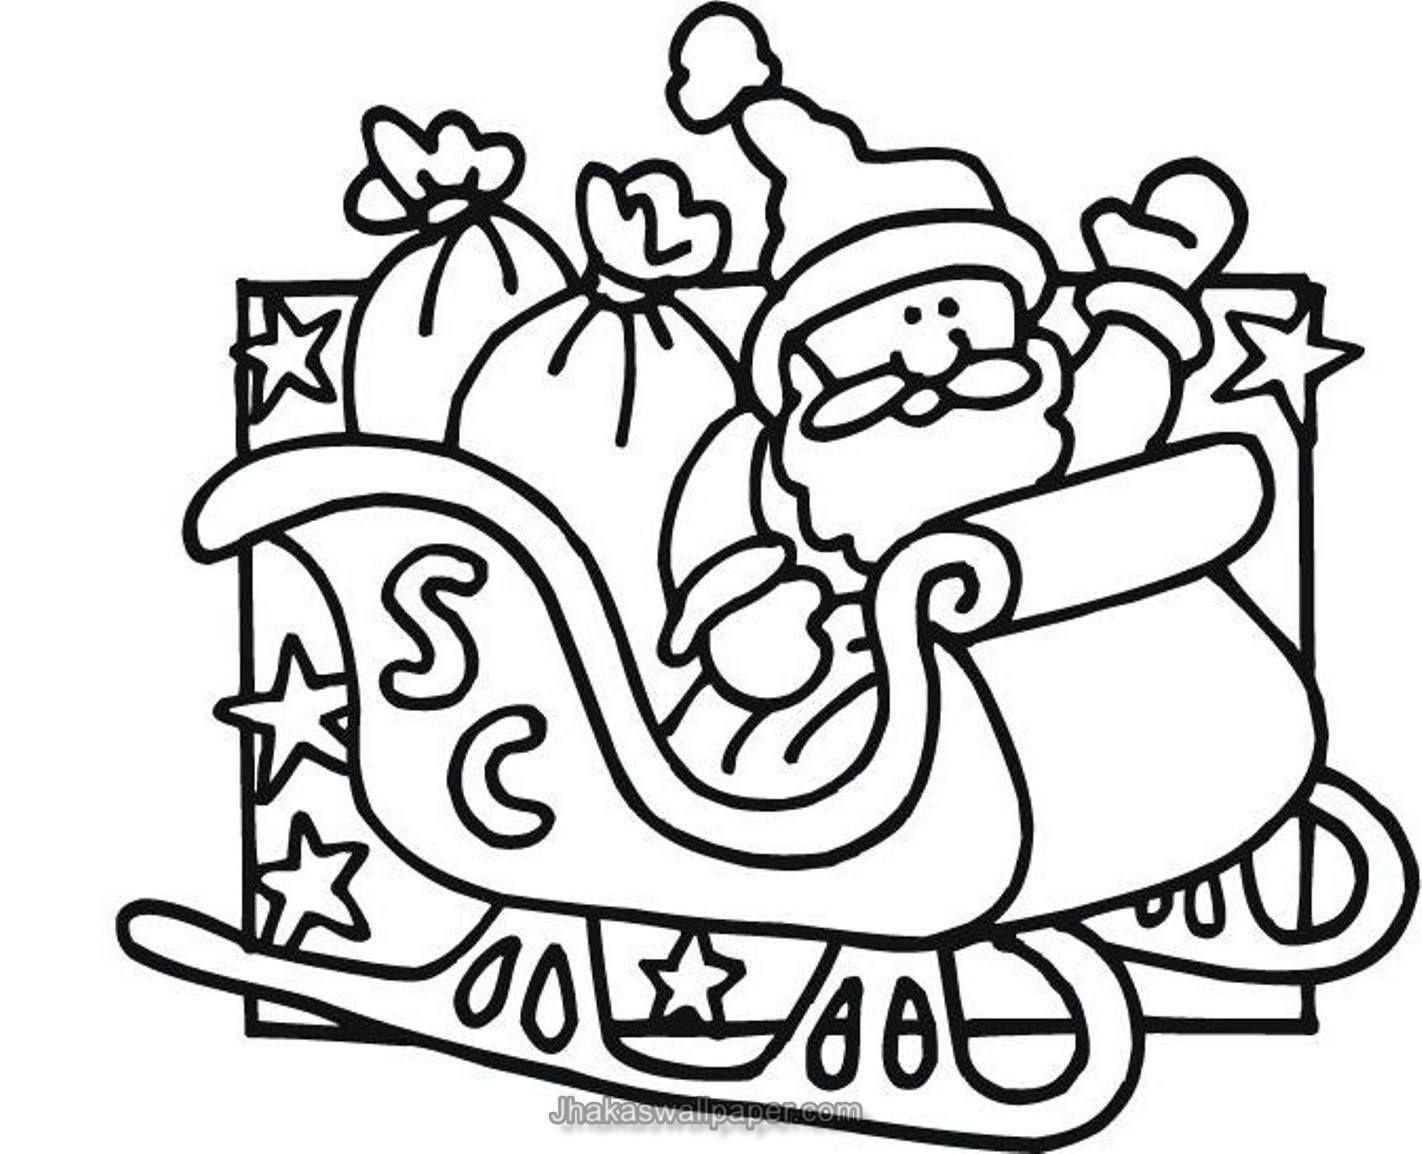 Santa Claus Coloring Page Weihnachtsmalvorlagen